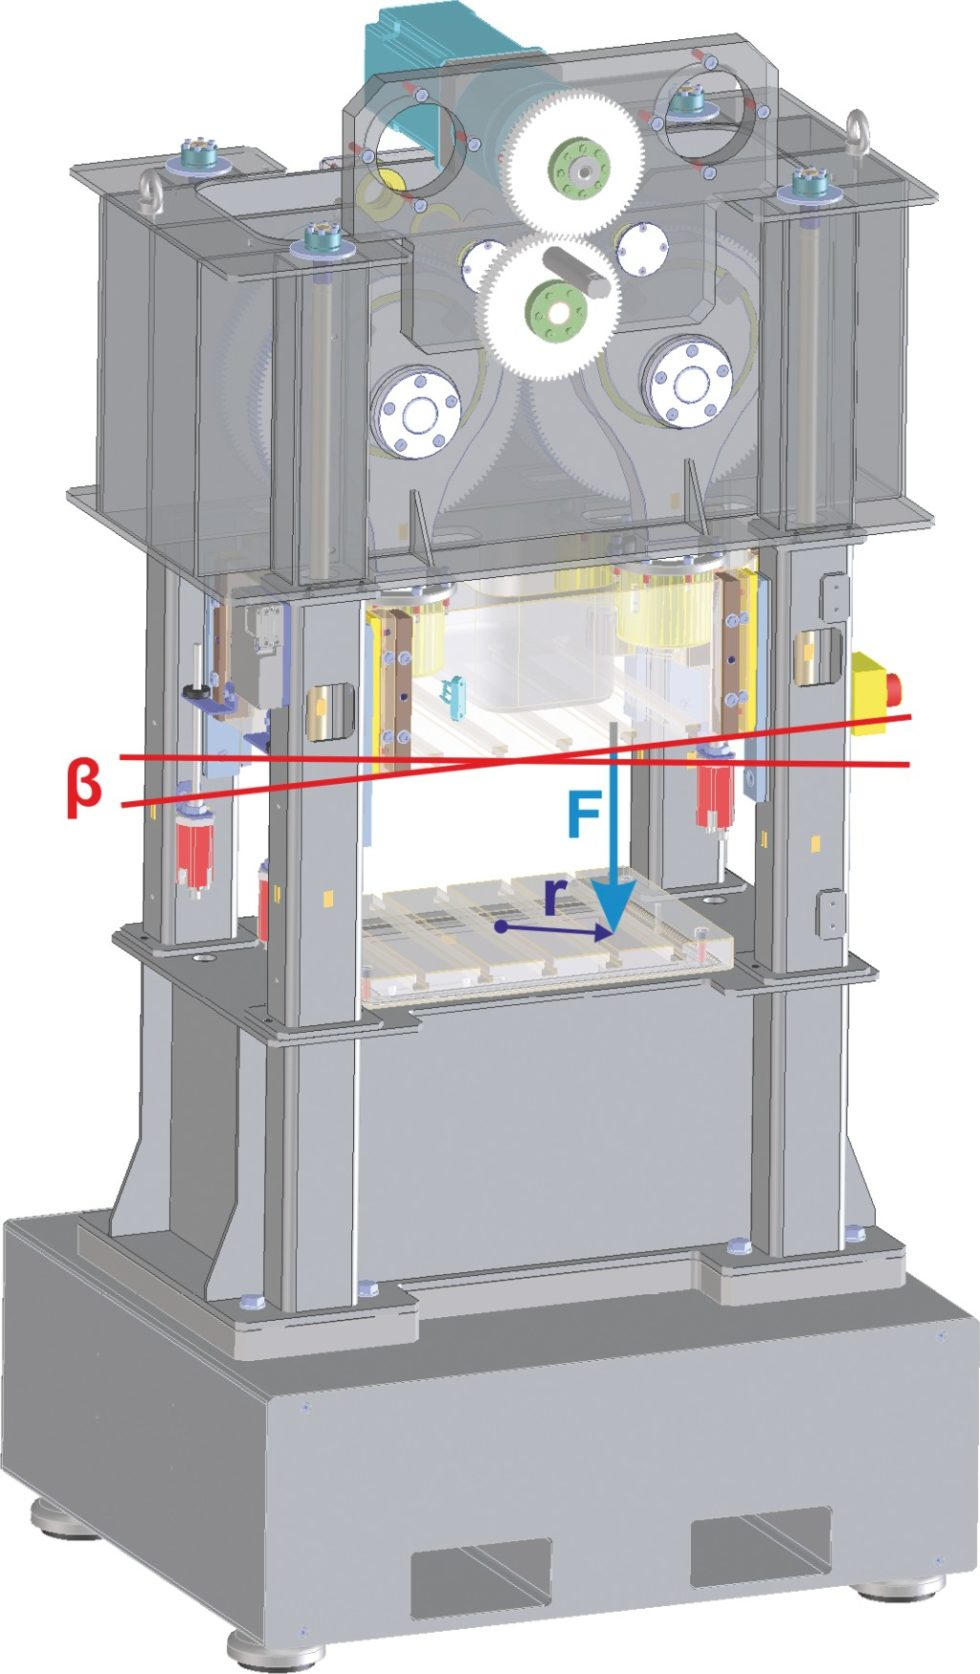 Servopressendemonstrator mit eingeleitetem Kippmoment und resultierender Stößelkippung Bild: Fraunhofer IWU